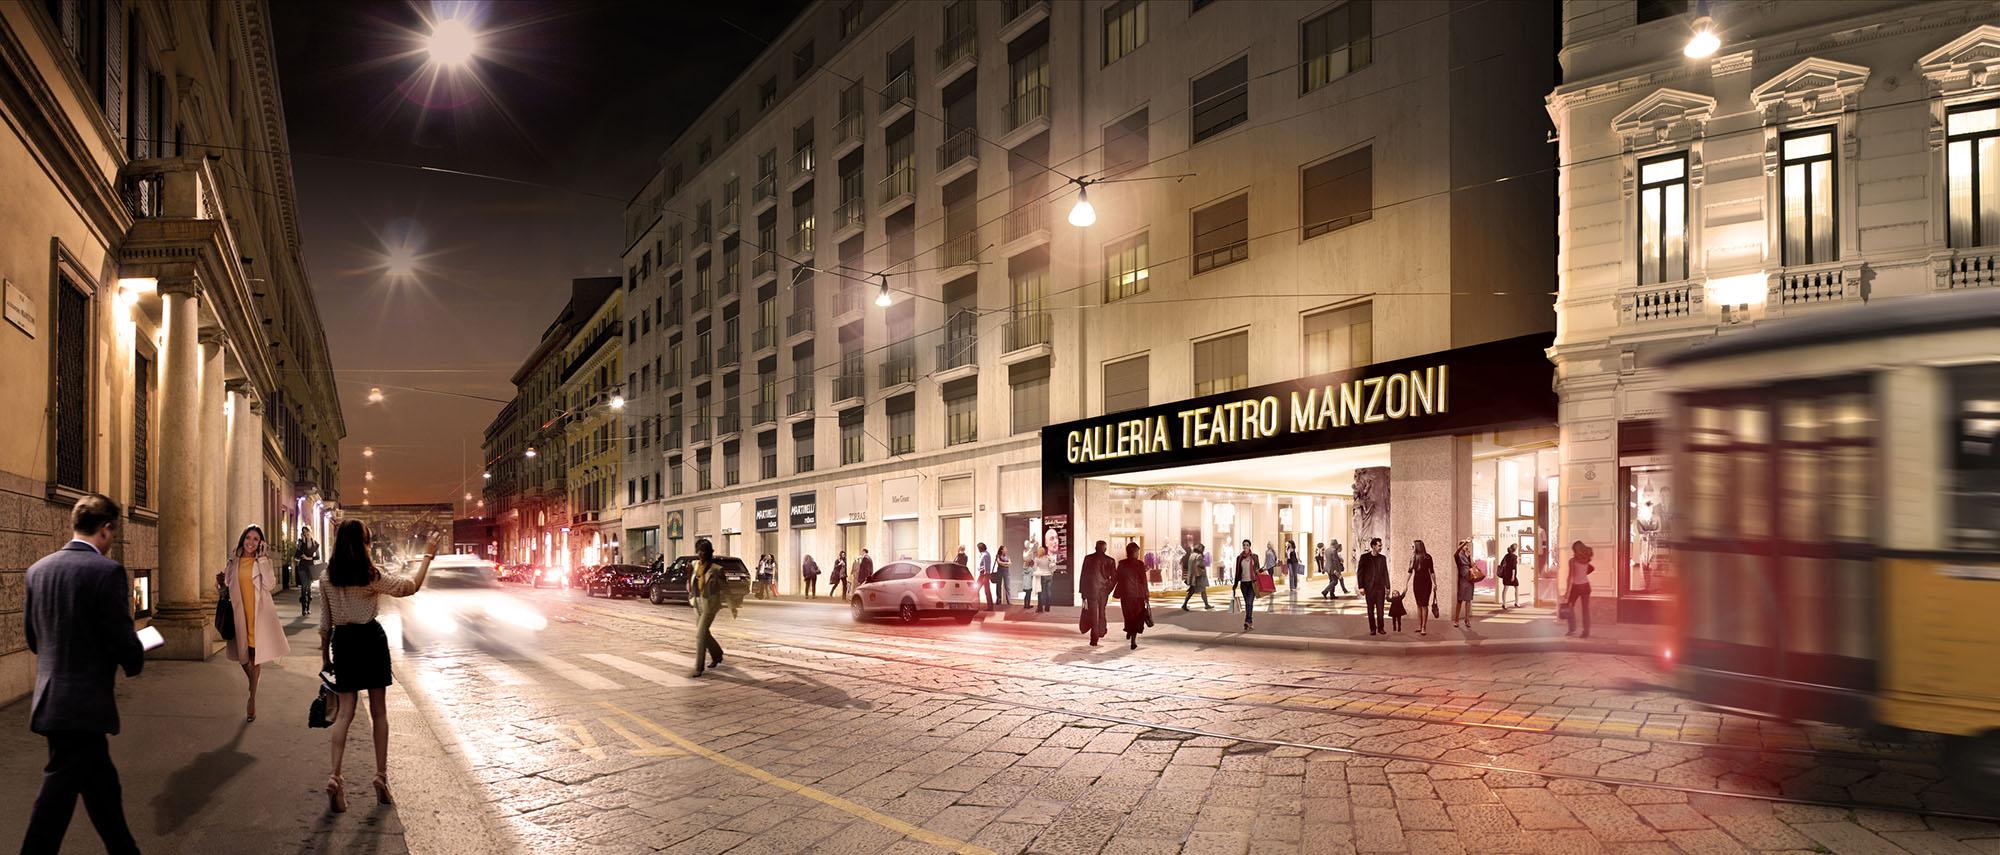 20141119_manzoni-nuova-insegna-2000-low